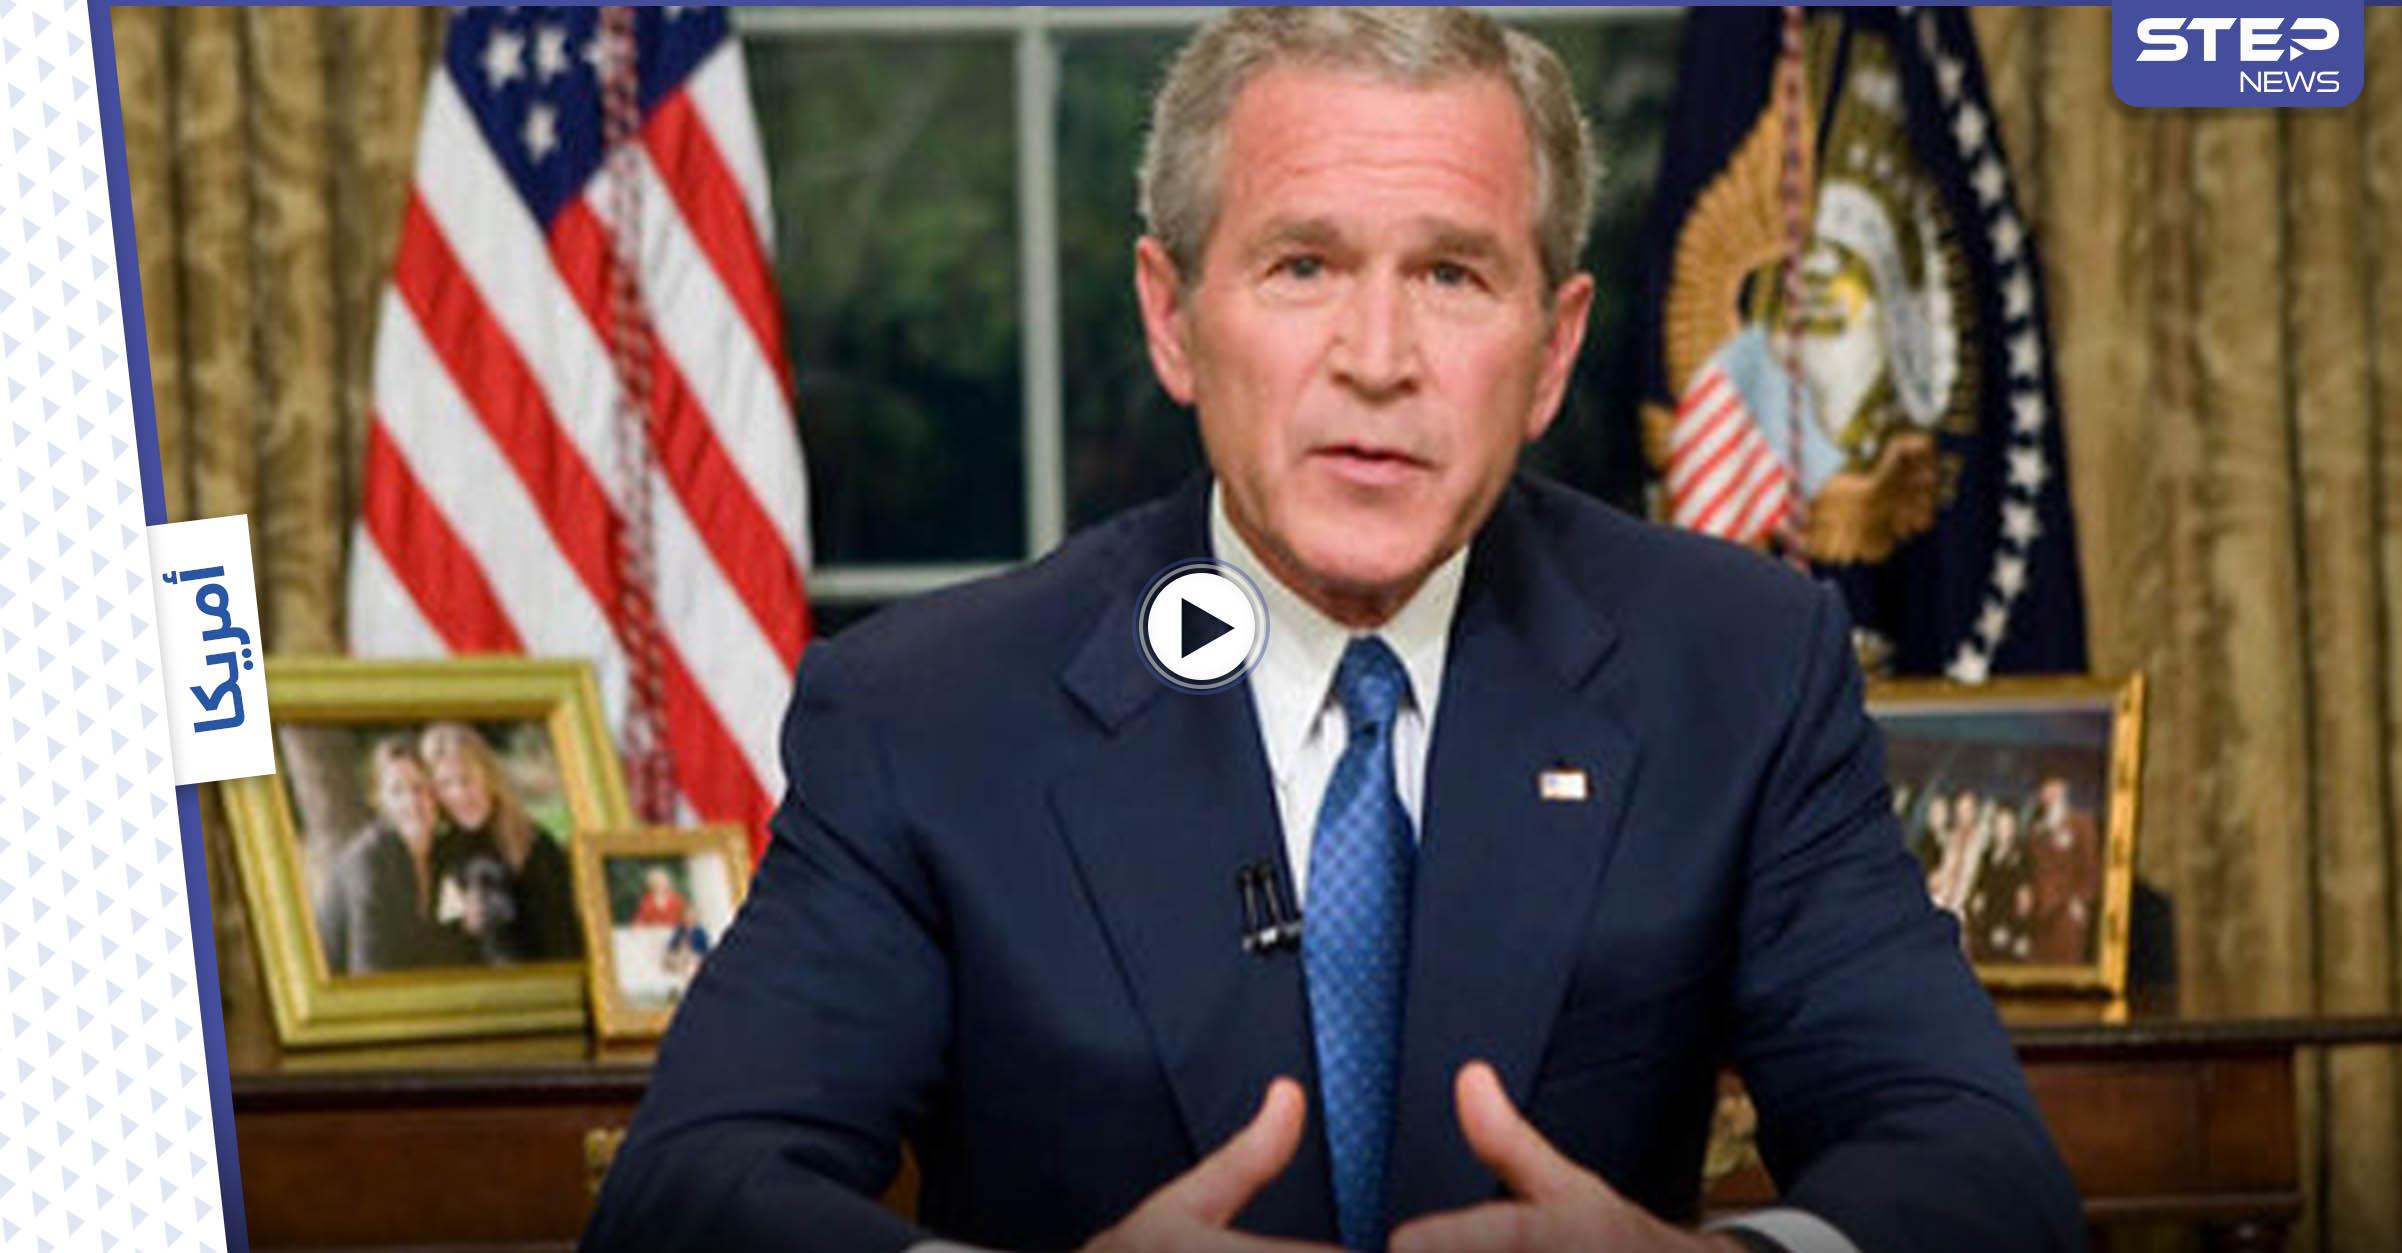 بالفيديو|| الصين تتشمت بالأمريكيين وبفشلهم في أفغانستان بإعادة نشر فيديو لجورج بوش قبل 20 عاماً